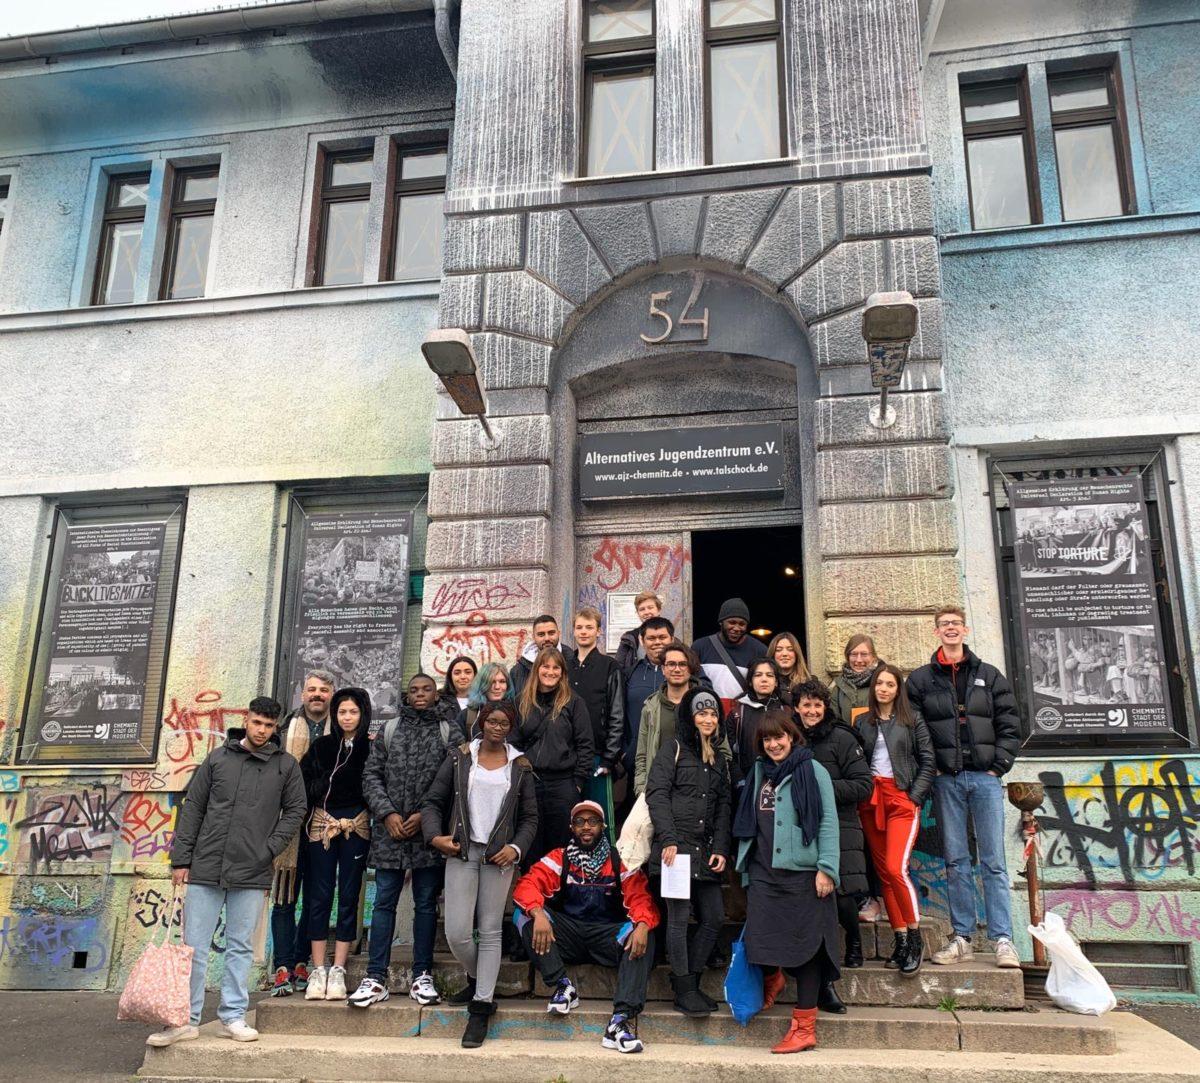 """Theaterprojektkurs """"Wir.Wie?"""" beim AUFSTAND DER UTOPIEN in Chemnitz"""